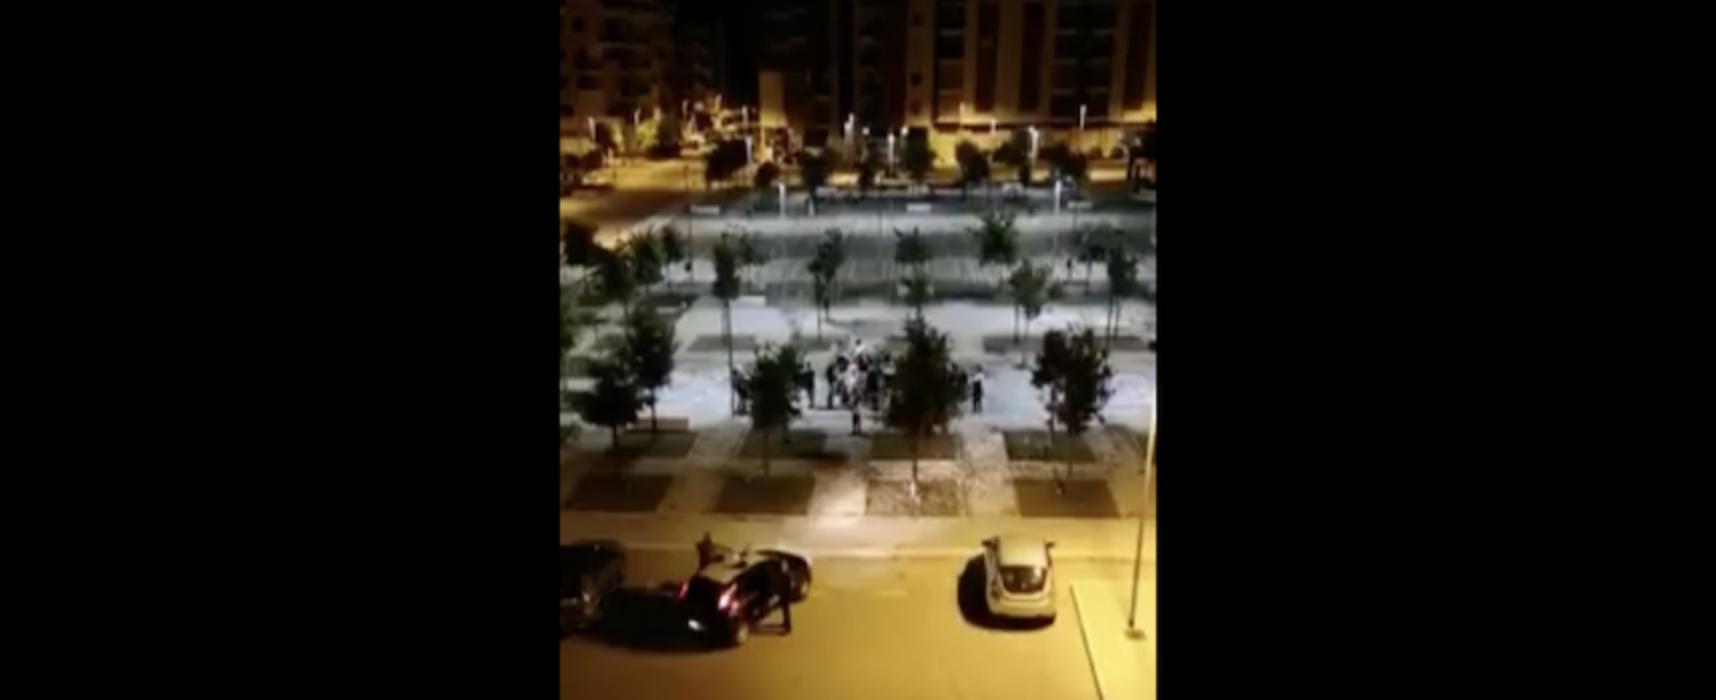 Zona 167: schiamazzi, feste e fuochi d'artificio, intervengono i Carabinieri / VIDEO